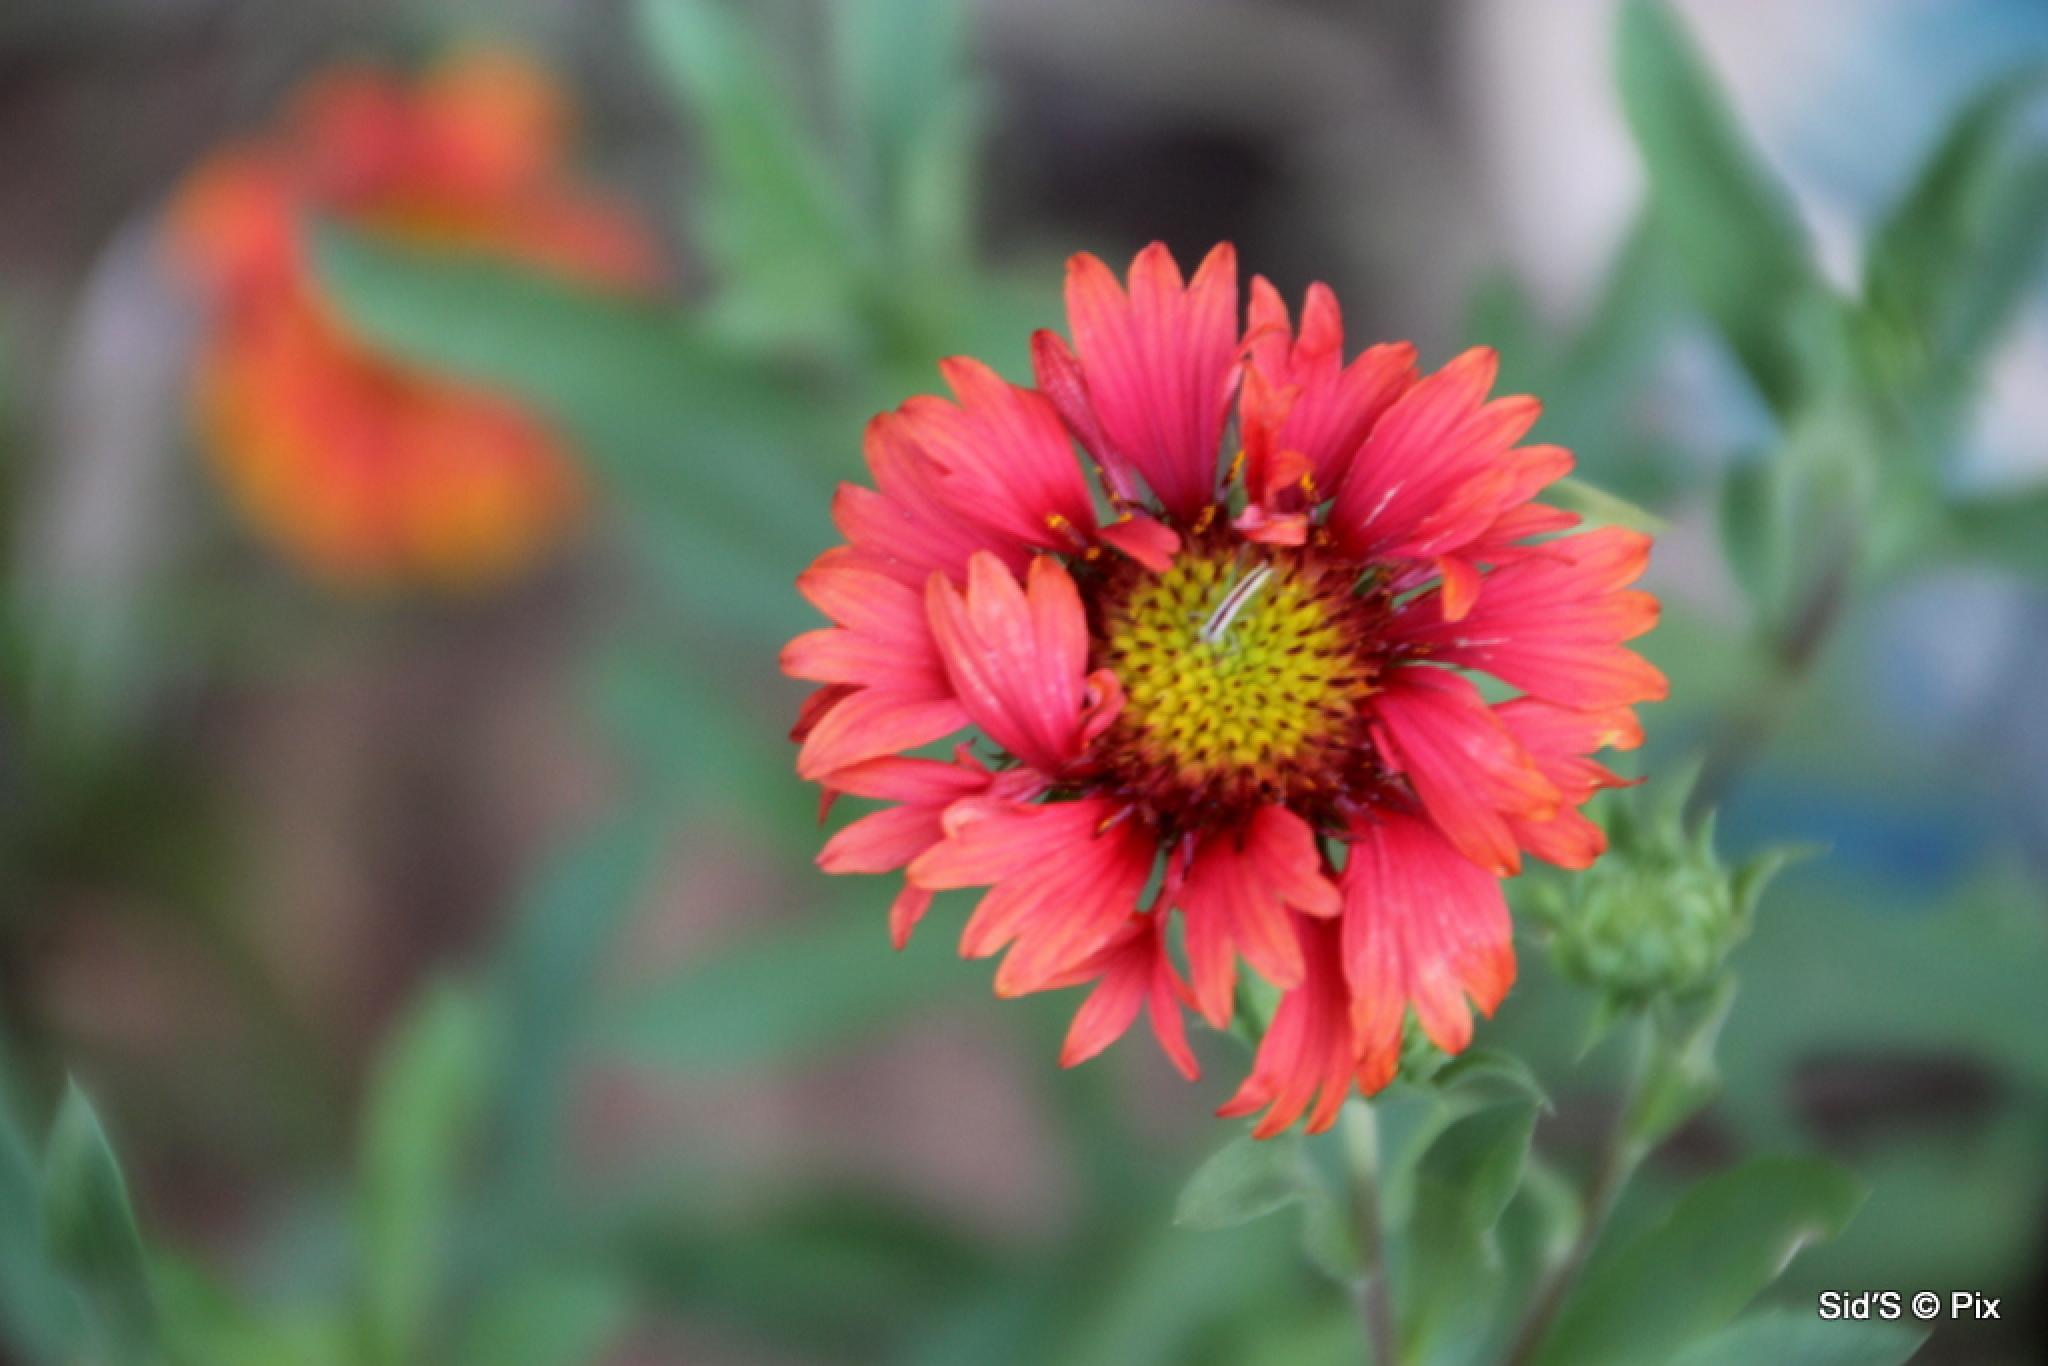 Flower #14 by Siddharth Sanyal